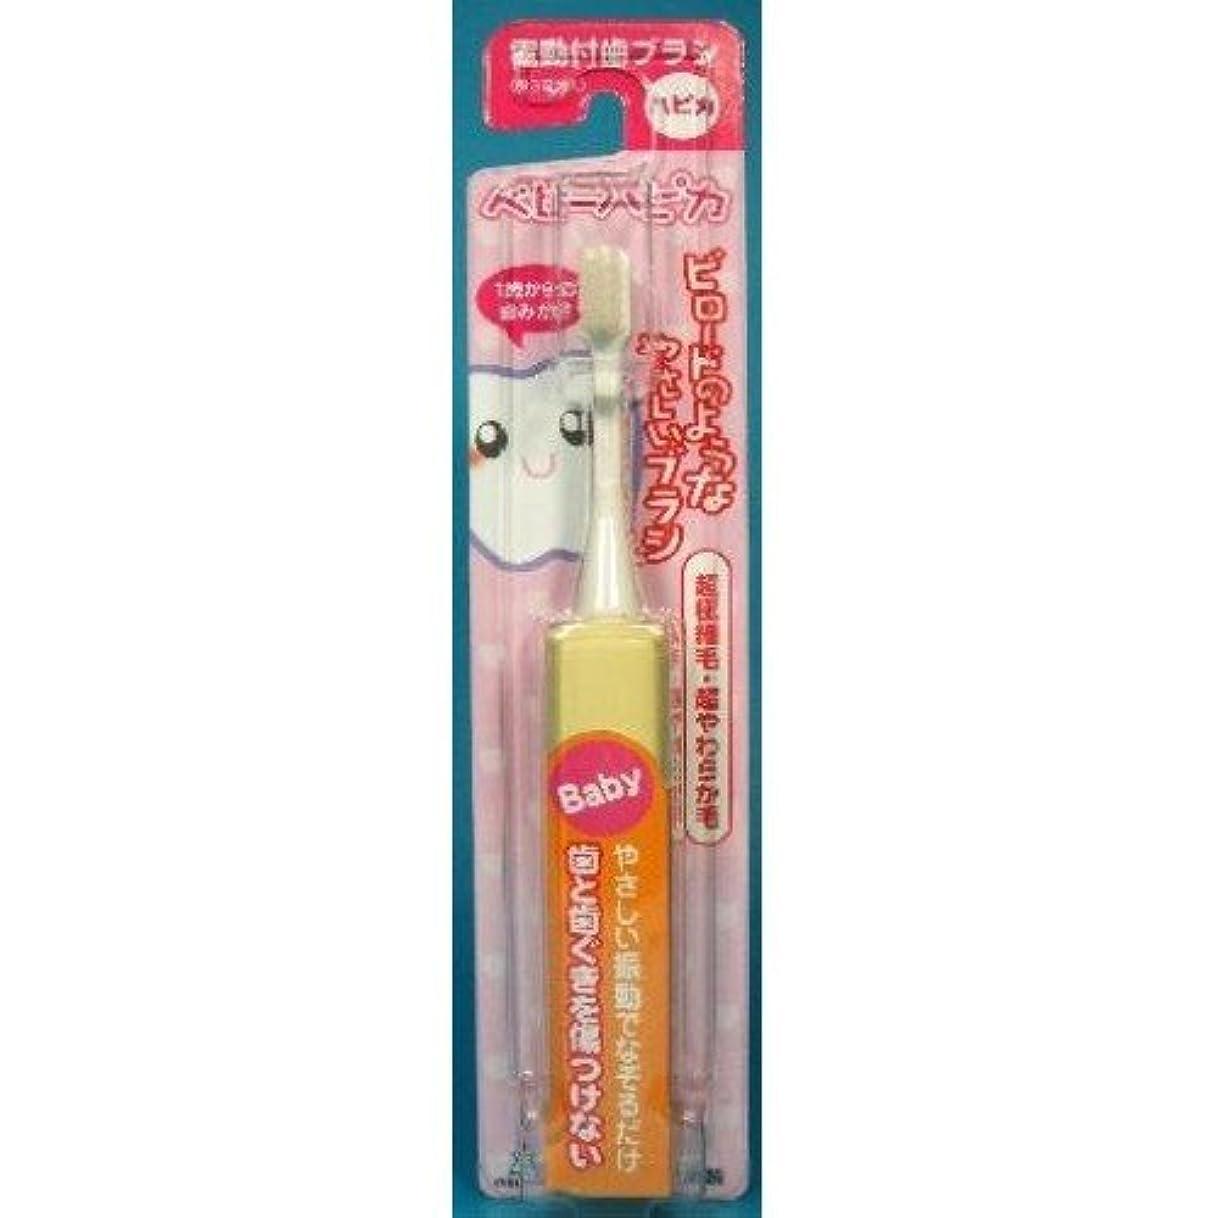 信者上がる小麦粉ミニマム 電動付歯ブラシ ベビーハピカ イエロー 毛の硬さ:超やわらかめ DBB-1Y(BP)